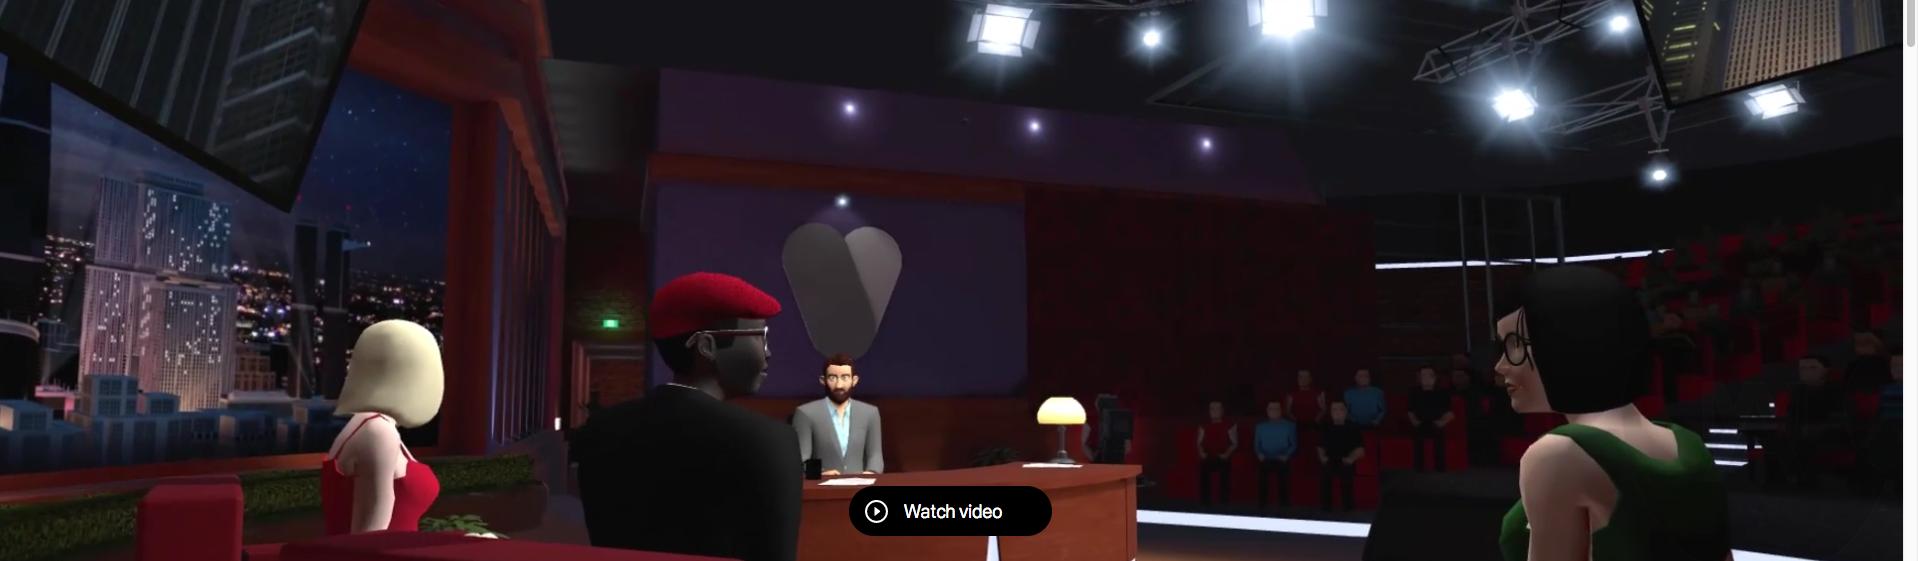 vTime une la realidad virtual con las redes sociales